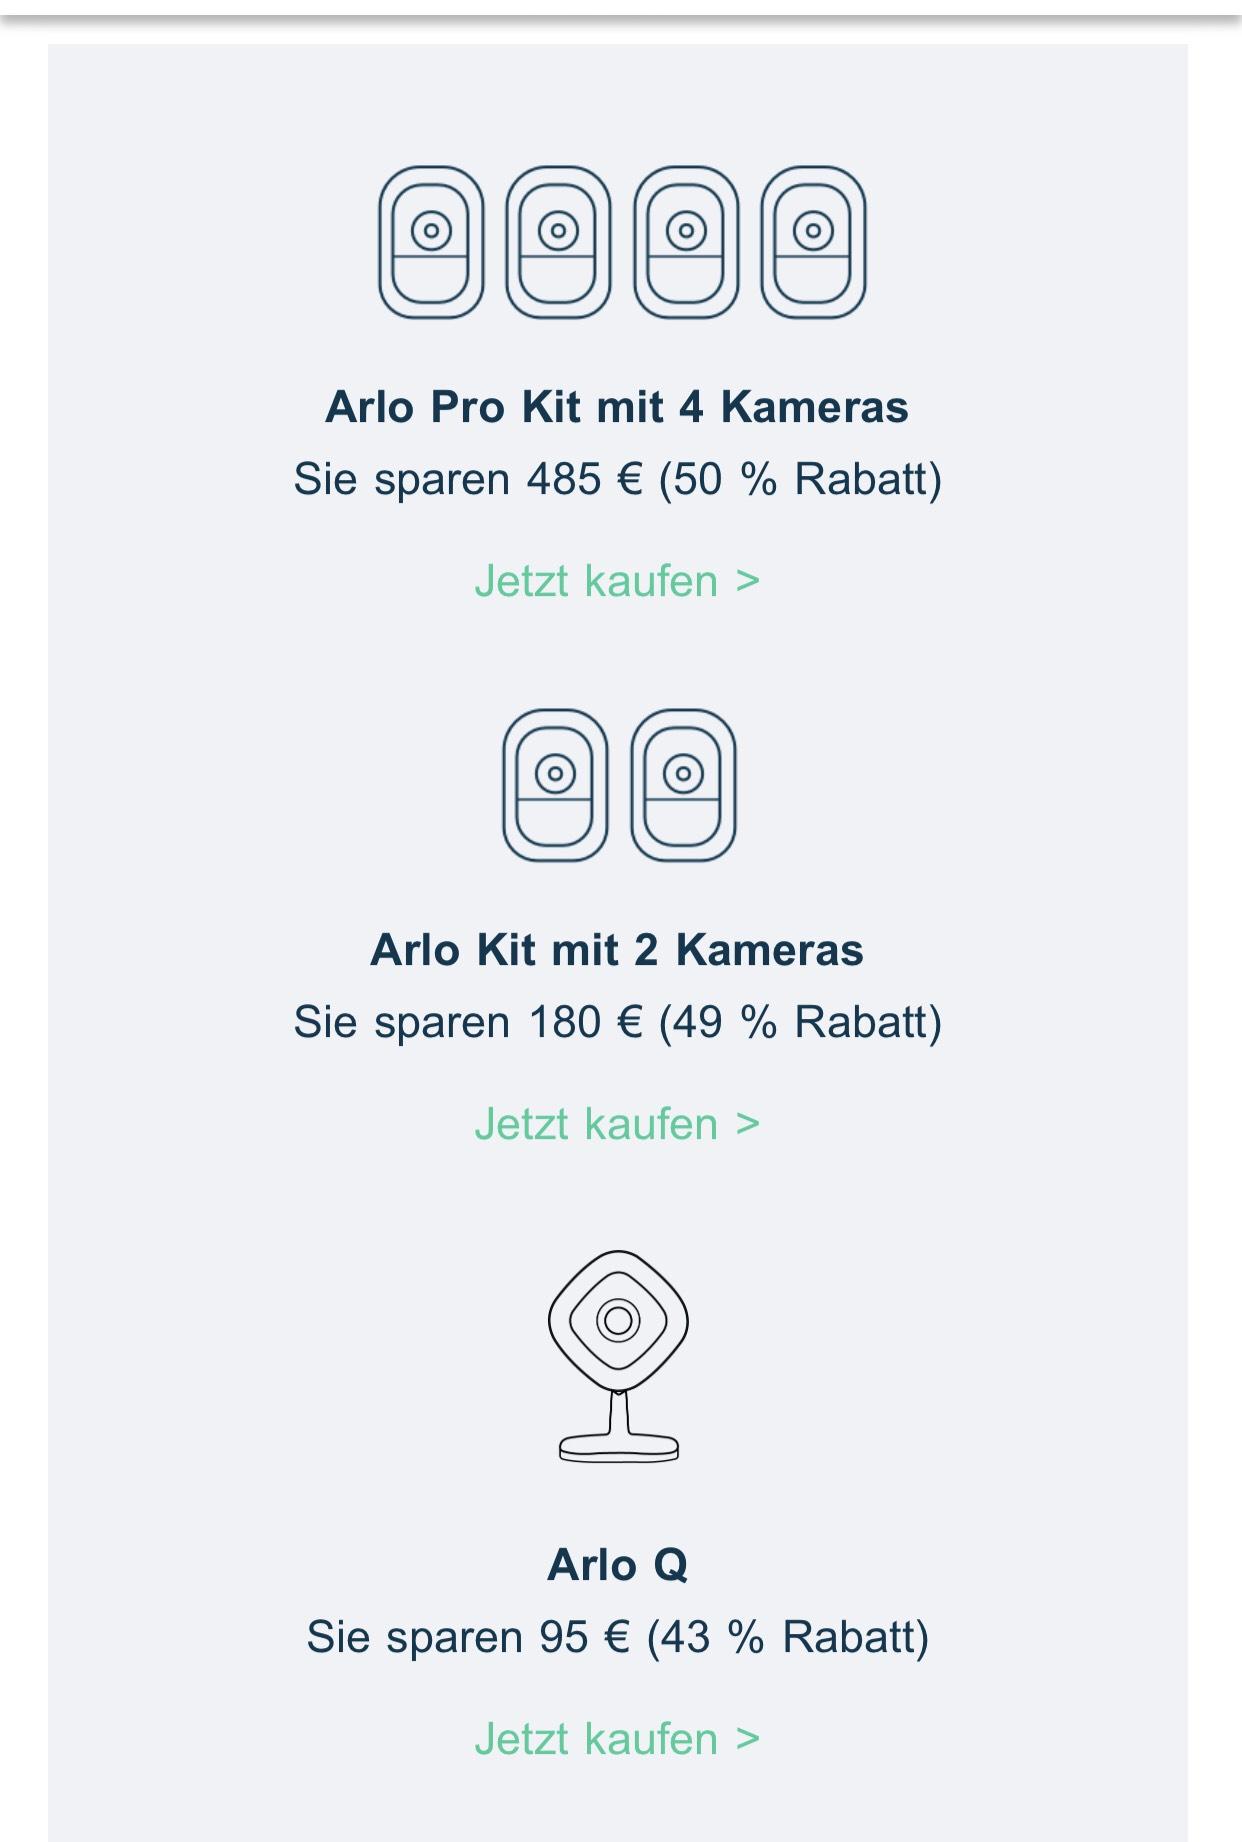 [Amazon Prime] Arlo Produkte reduziert, z.B. Set mit 4 Kameras für 485,-